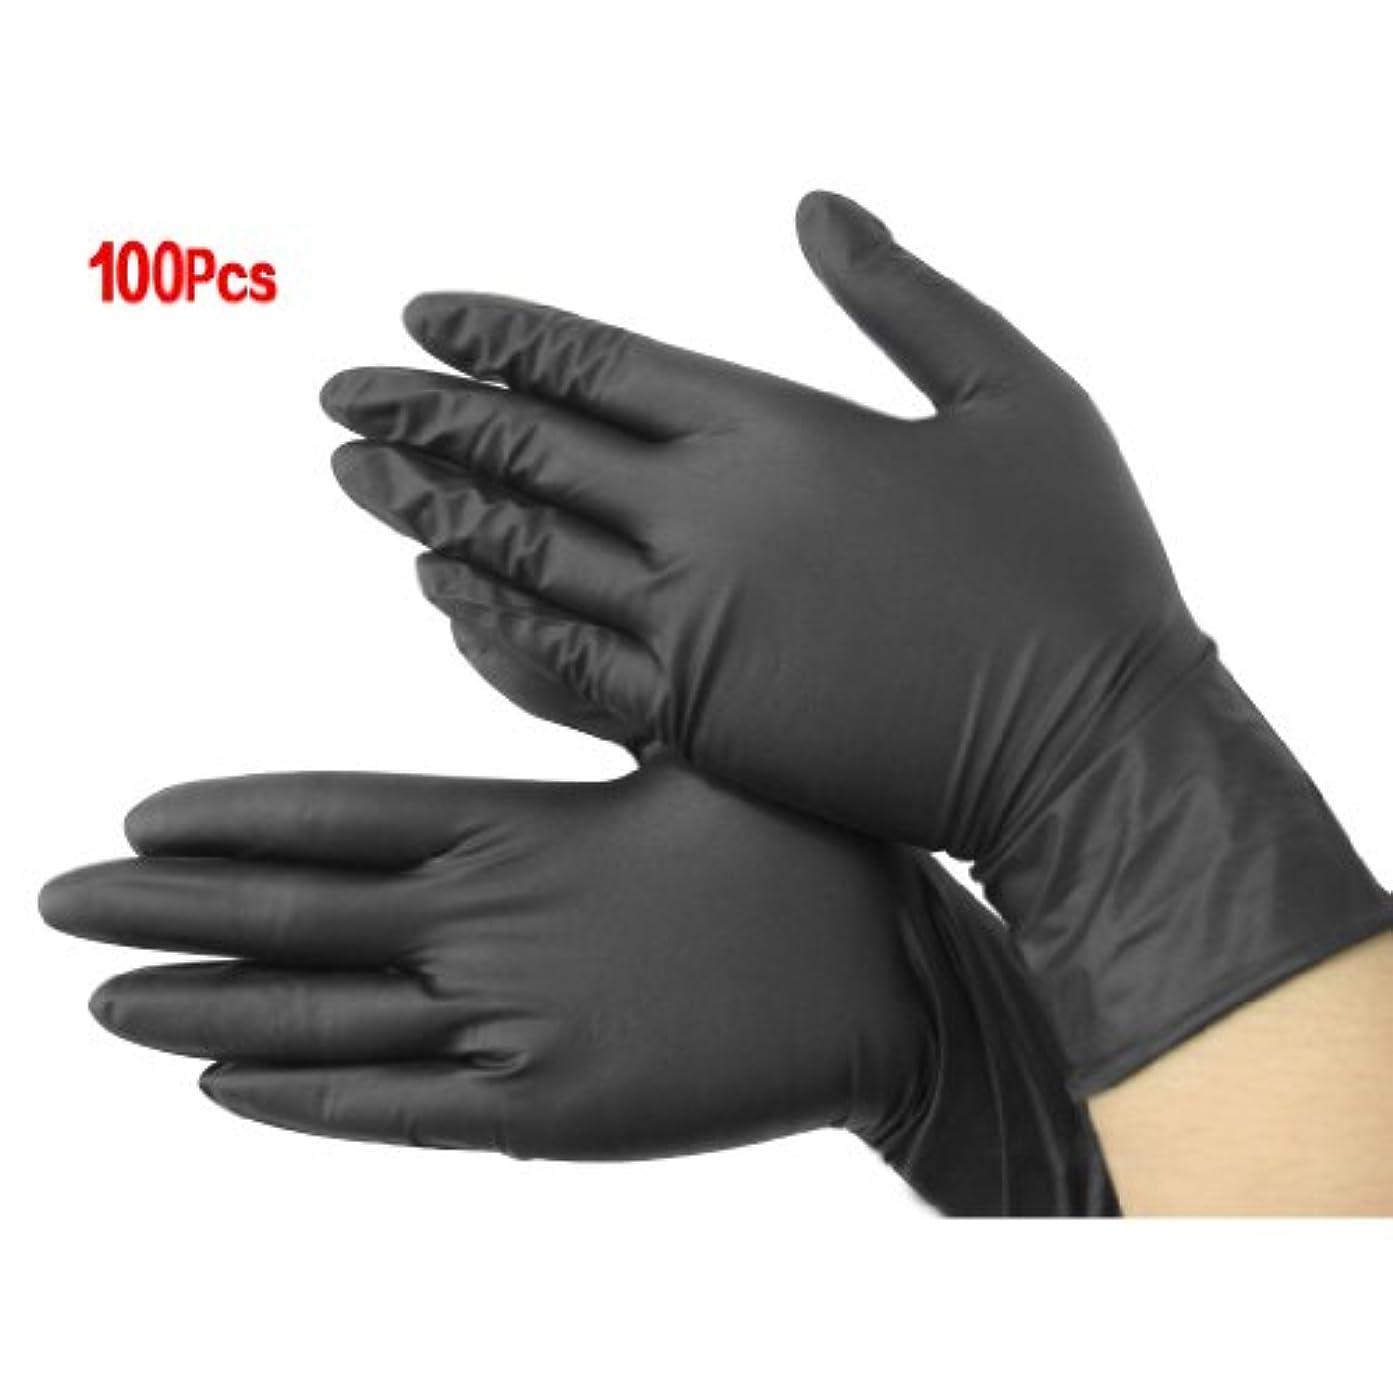 季節注釈を付ける決して手袋,SODIAL(R)黒いニトリル使い捨てクール手袋 パワーフリーX100 - 入れ墨 - メカニック 新しい